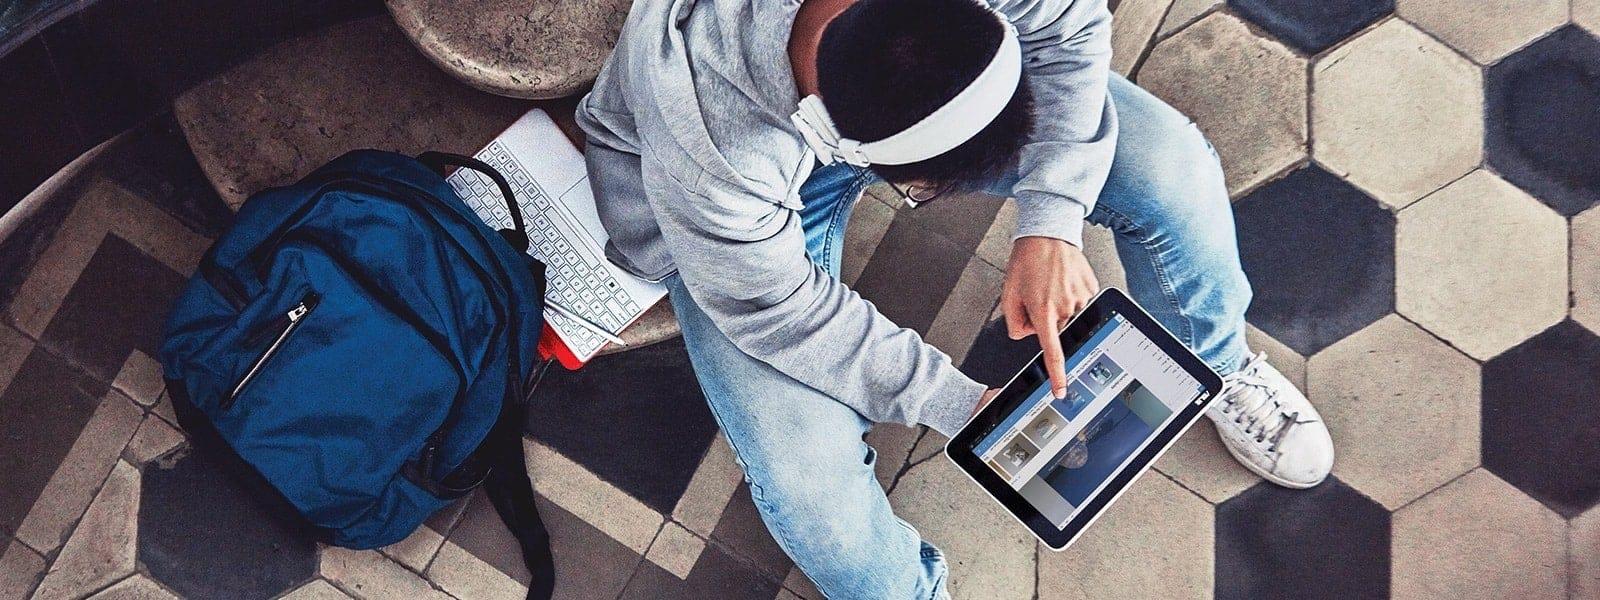 Студент, який дивиться на пристрій із Windows10